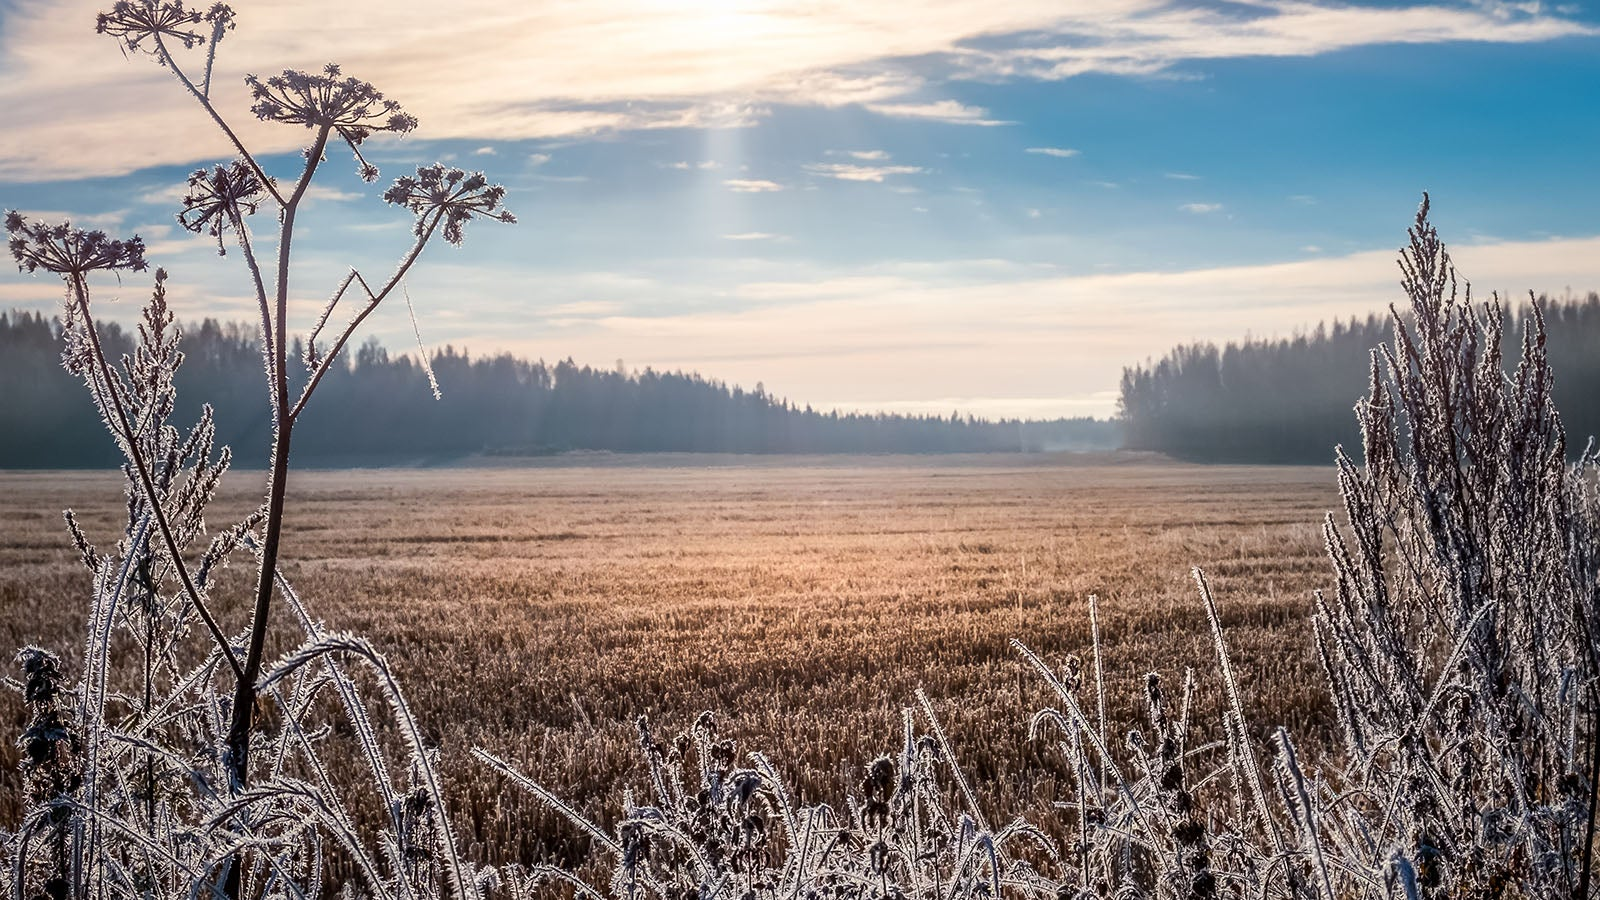 Frostig, aber freundlich: Sonntag bringt Sonne und lokal Dauerfrost